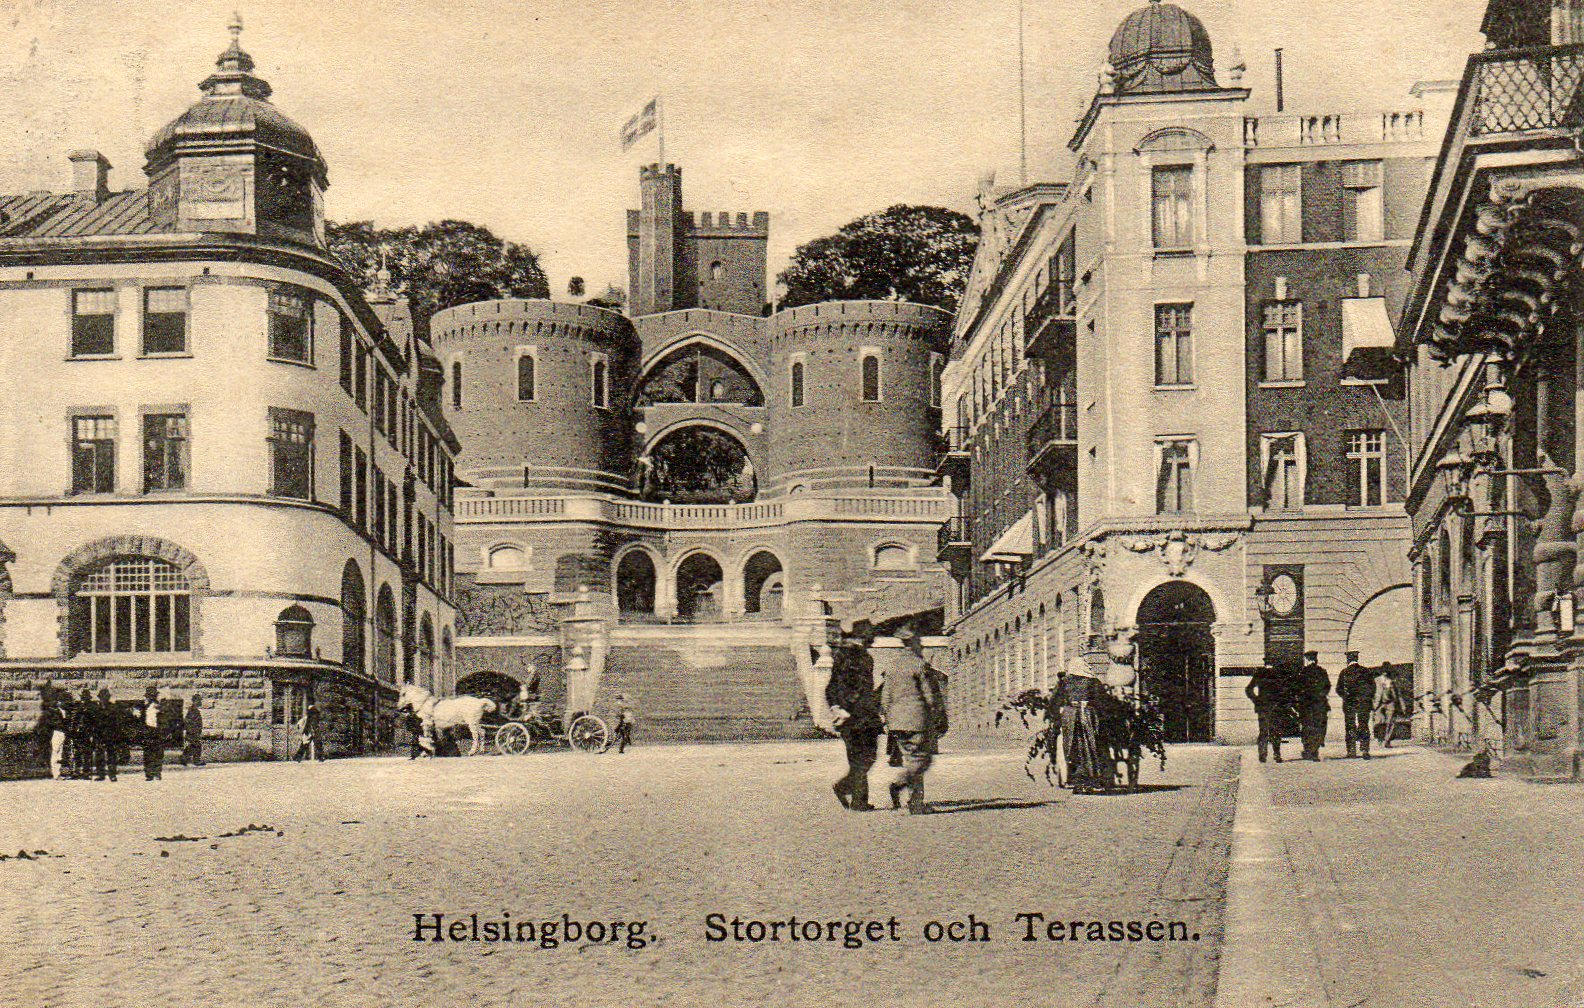 Helsingborg, Stortorget